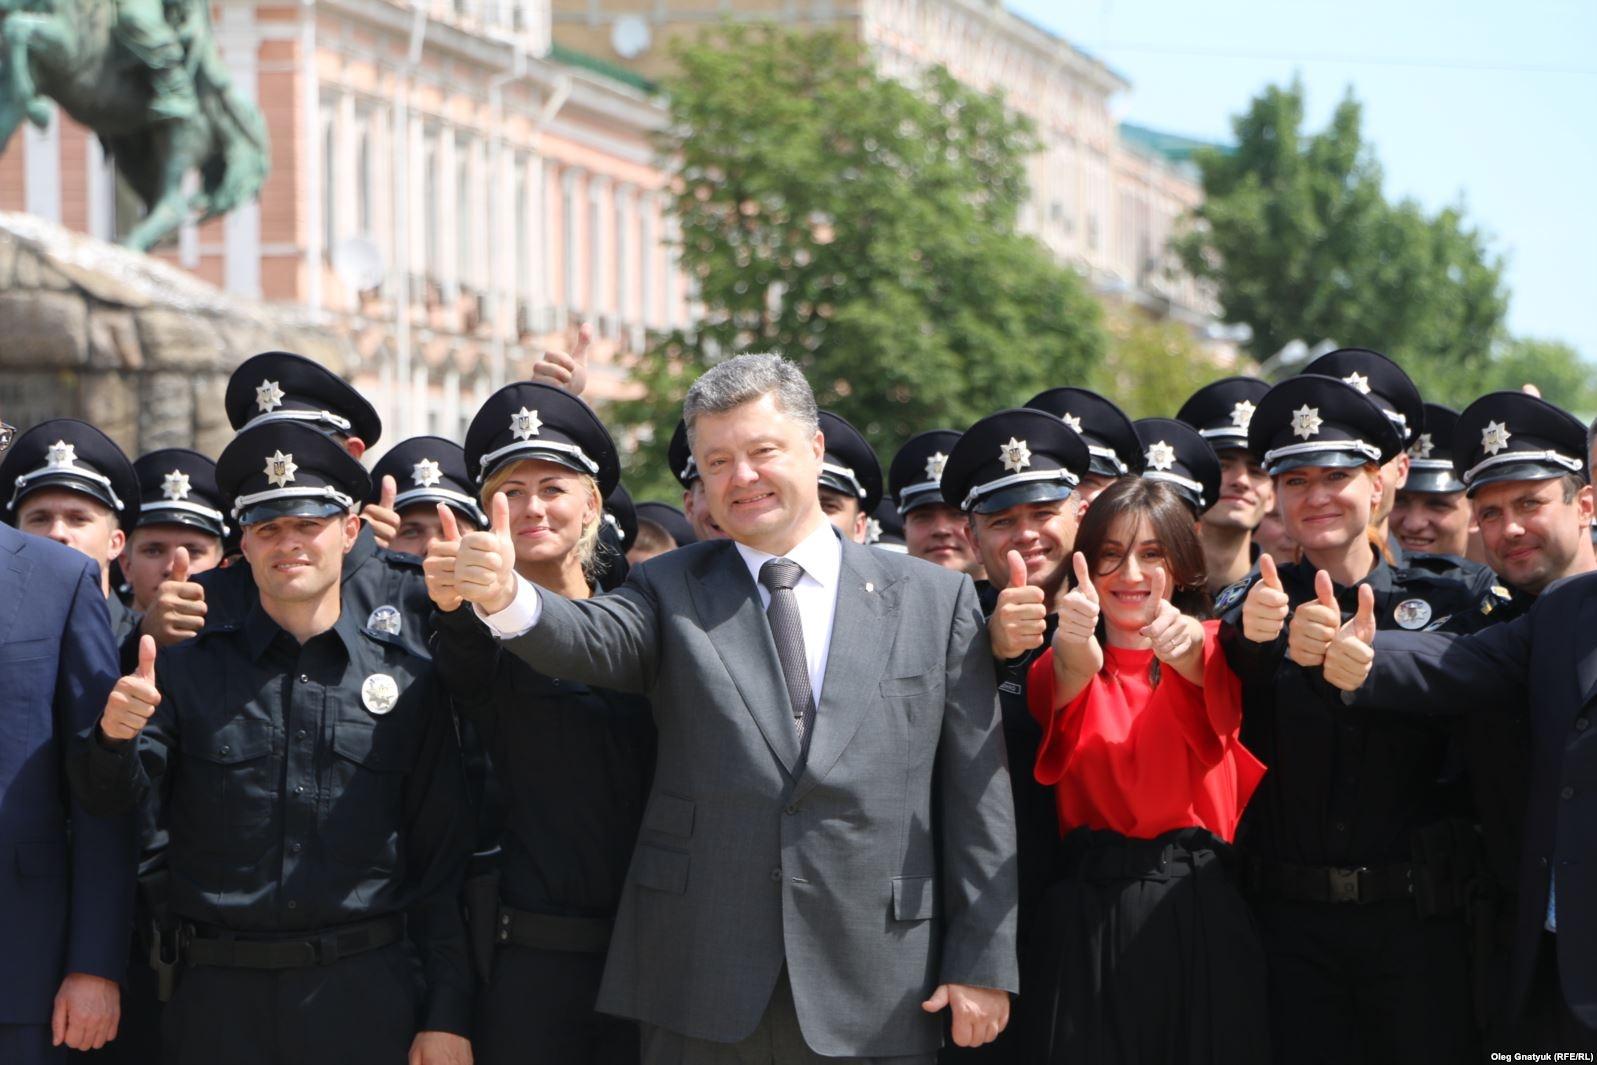 4 липня 2015-го року на Софійській площі у Києві співробітники нової поліції у присутності президента склали присягу на вірність Україні.